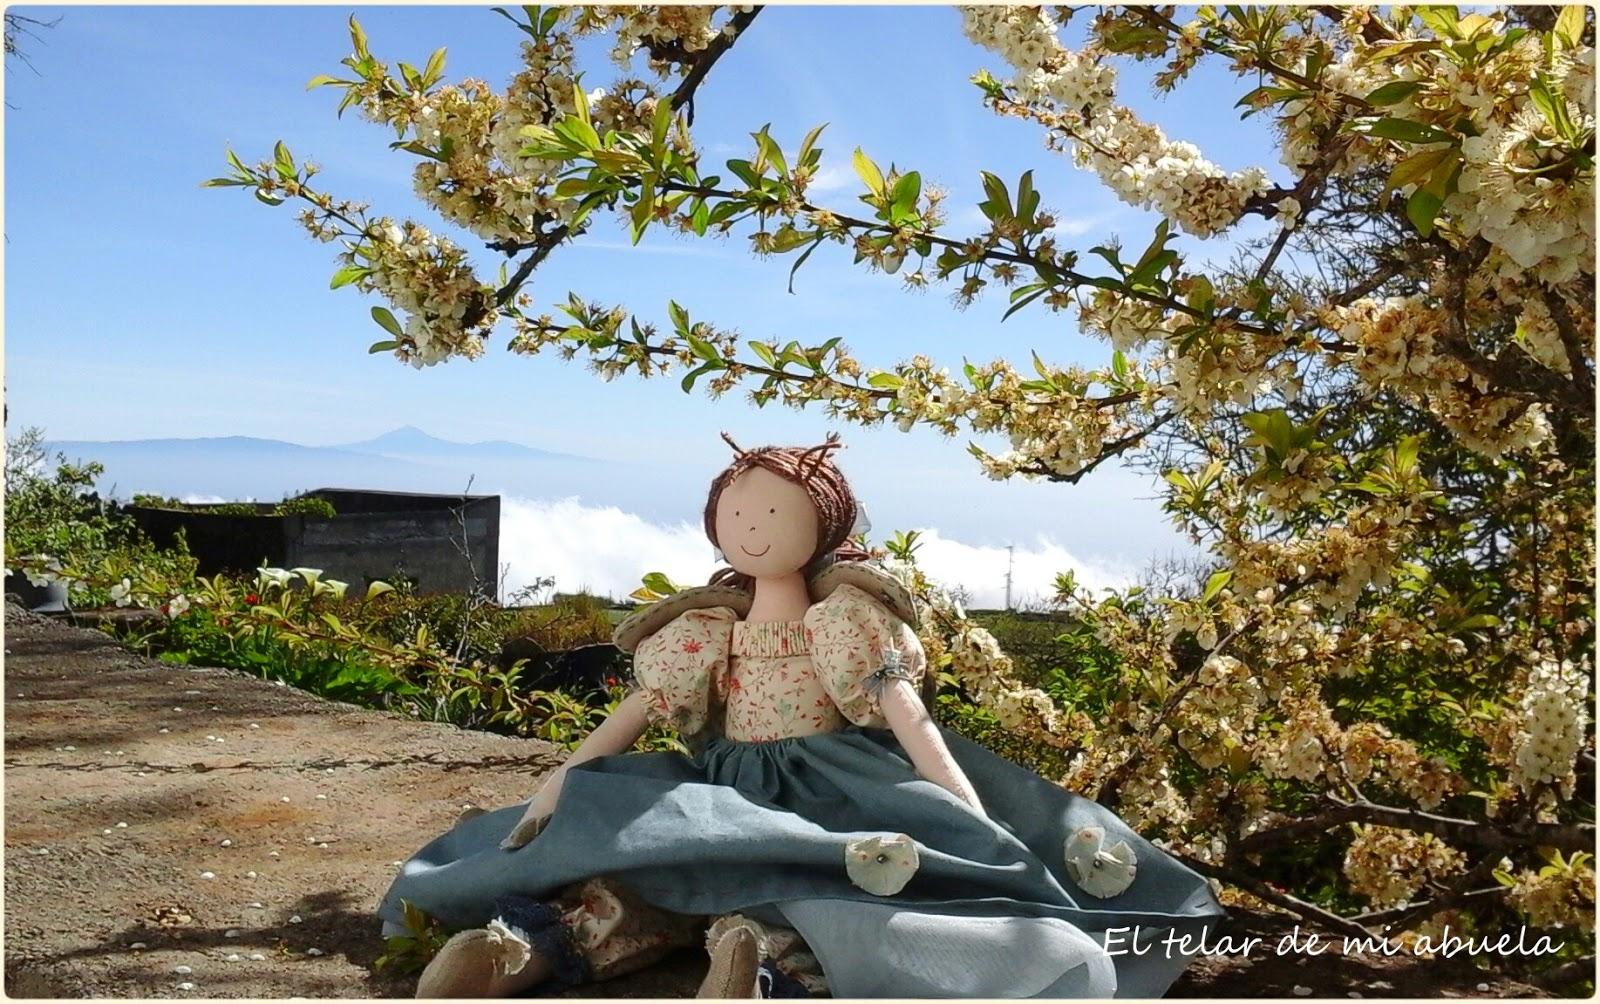 Imagenes de hadas Manualidades facilisimo com - Imagenes De Flores Y Hadas